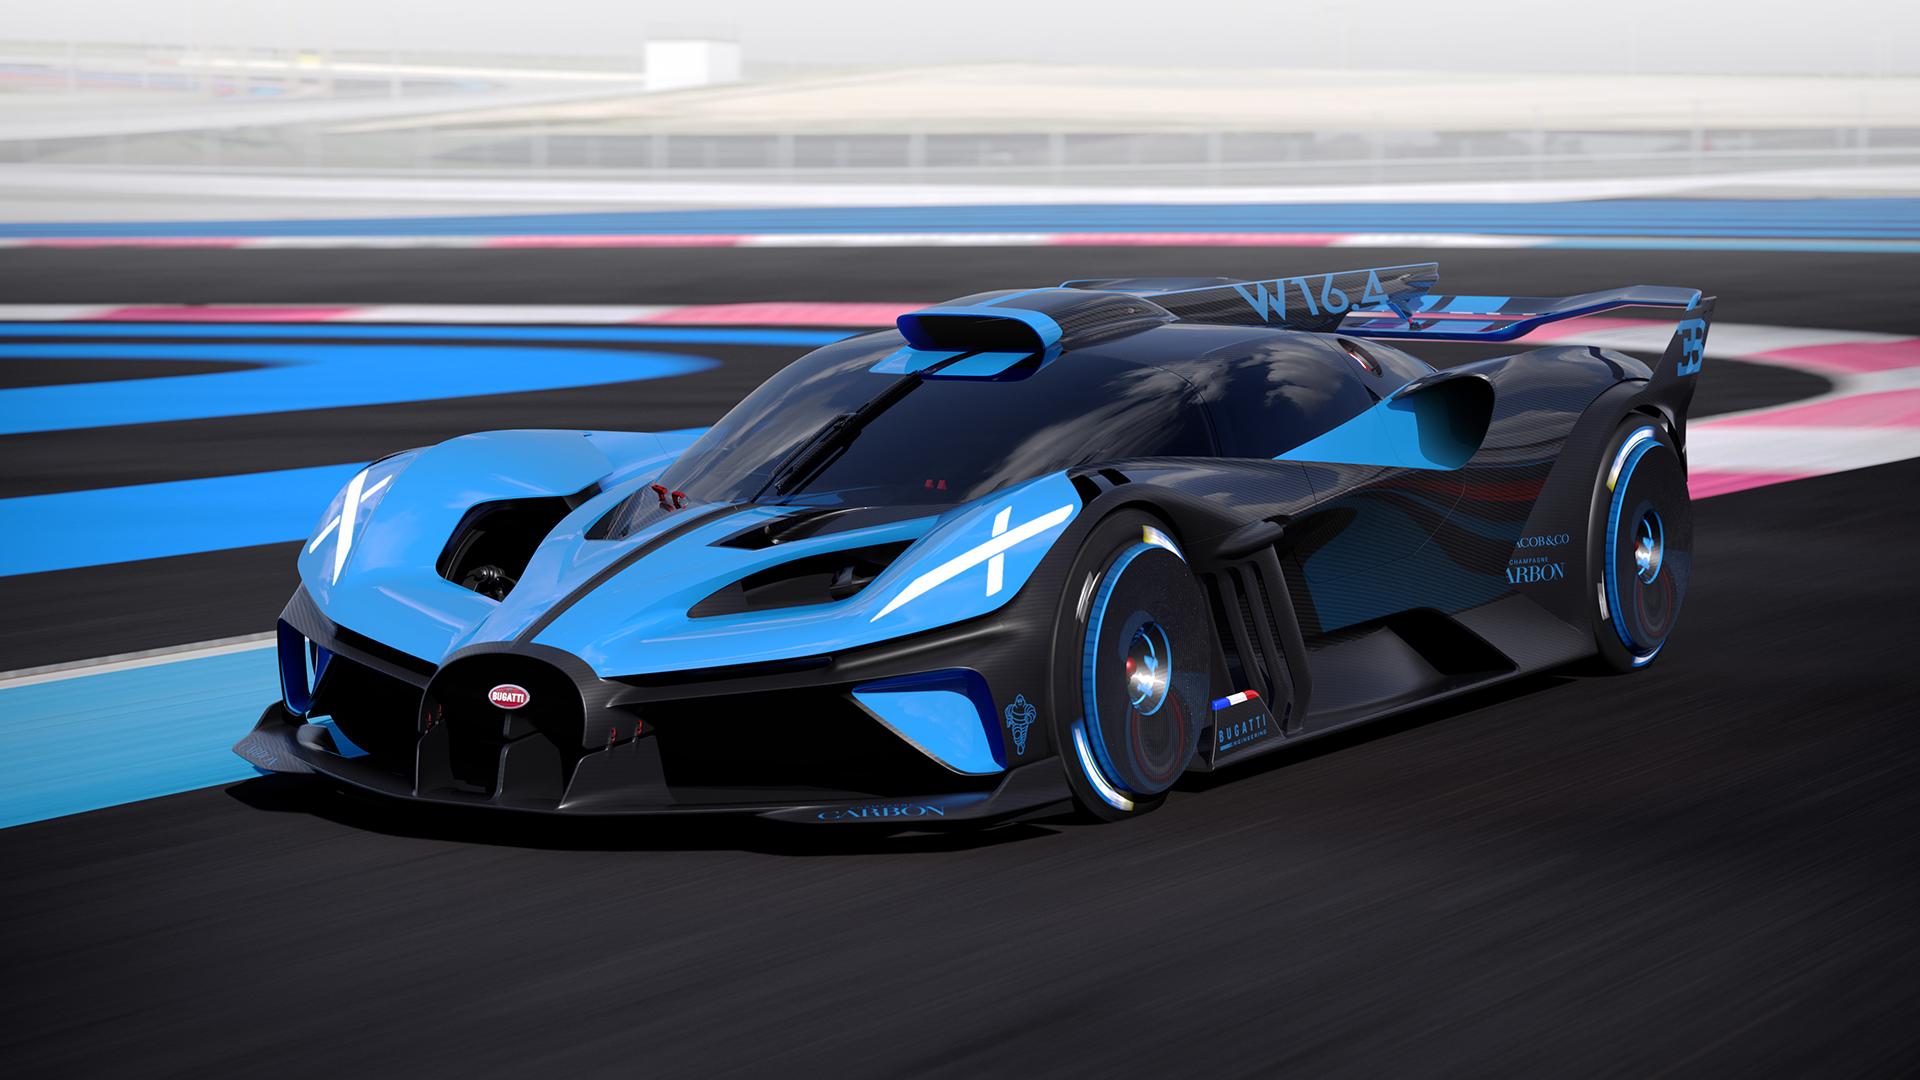 Bugatti bolide front three-quarter